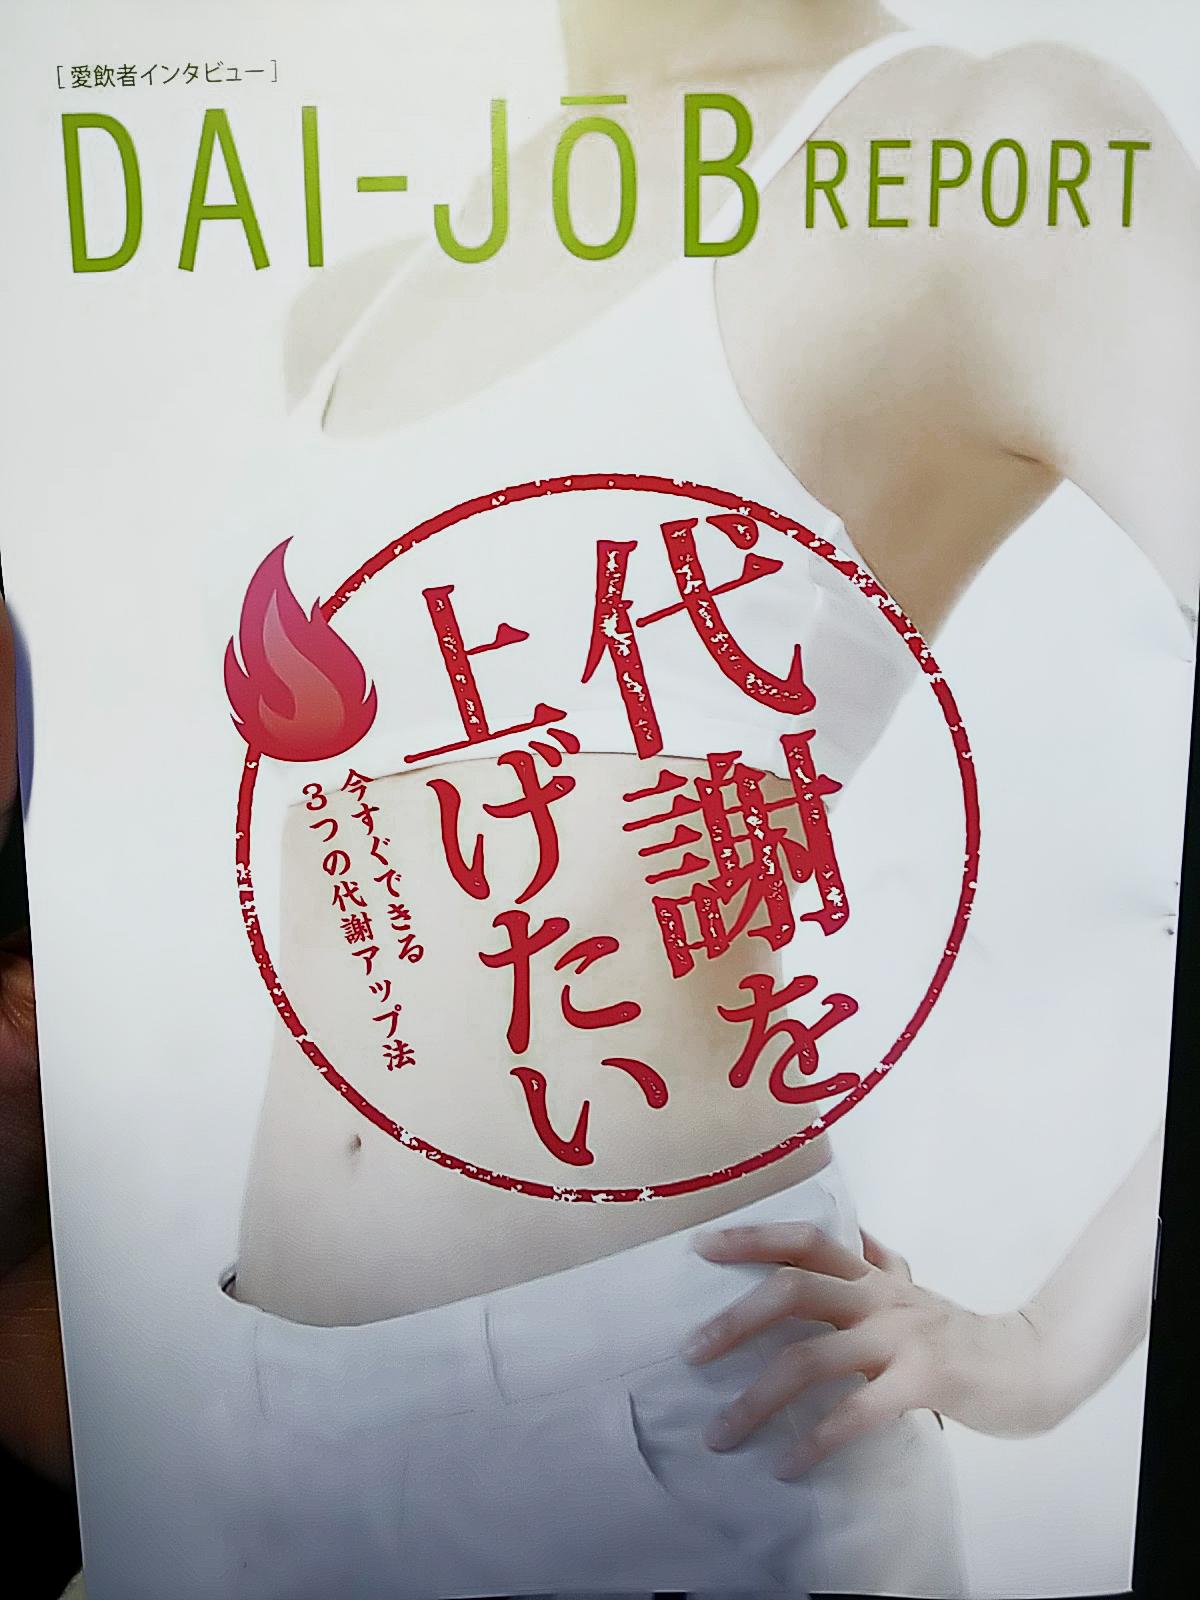 (株)サントリー サプリメント 同梱誌 DAI-JOB REPORT 代謝アップ法 記事監修